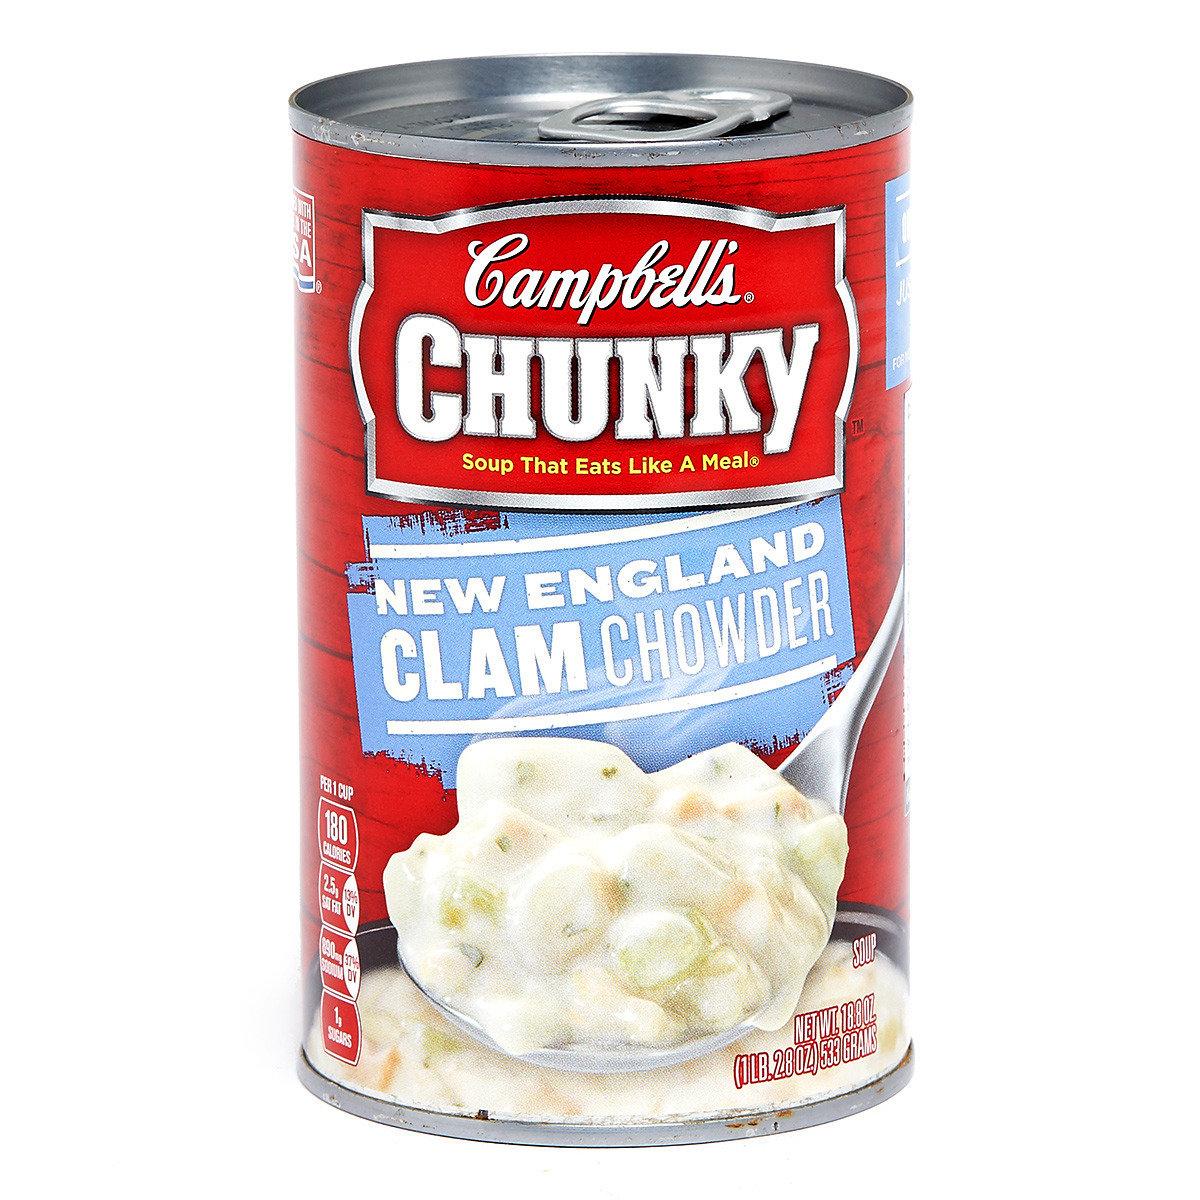 足料即食湯 - 新英倫周打蜆湯